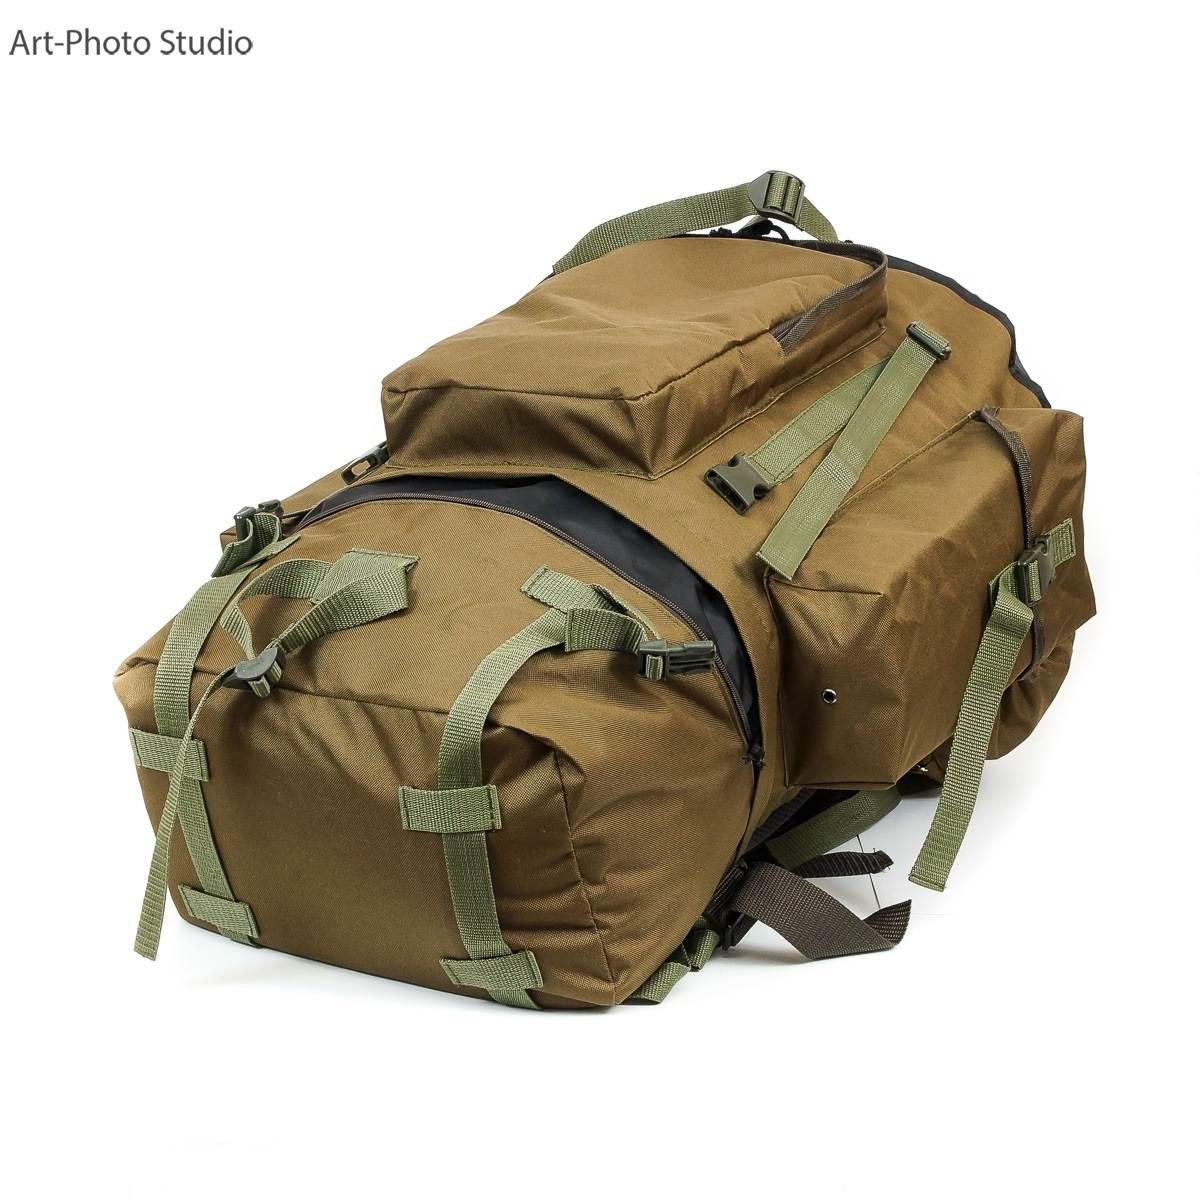 предметная съемка туристических рюкзаков в Харькове